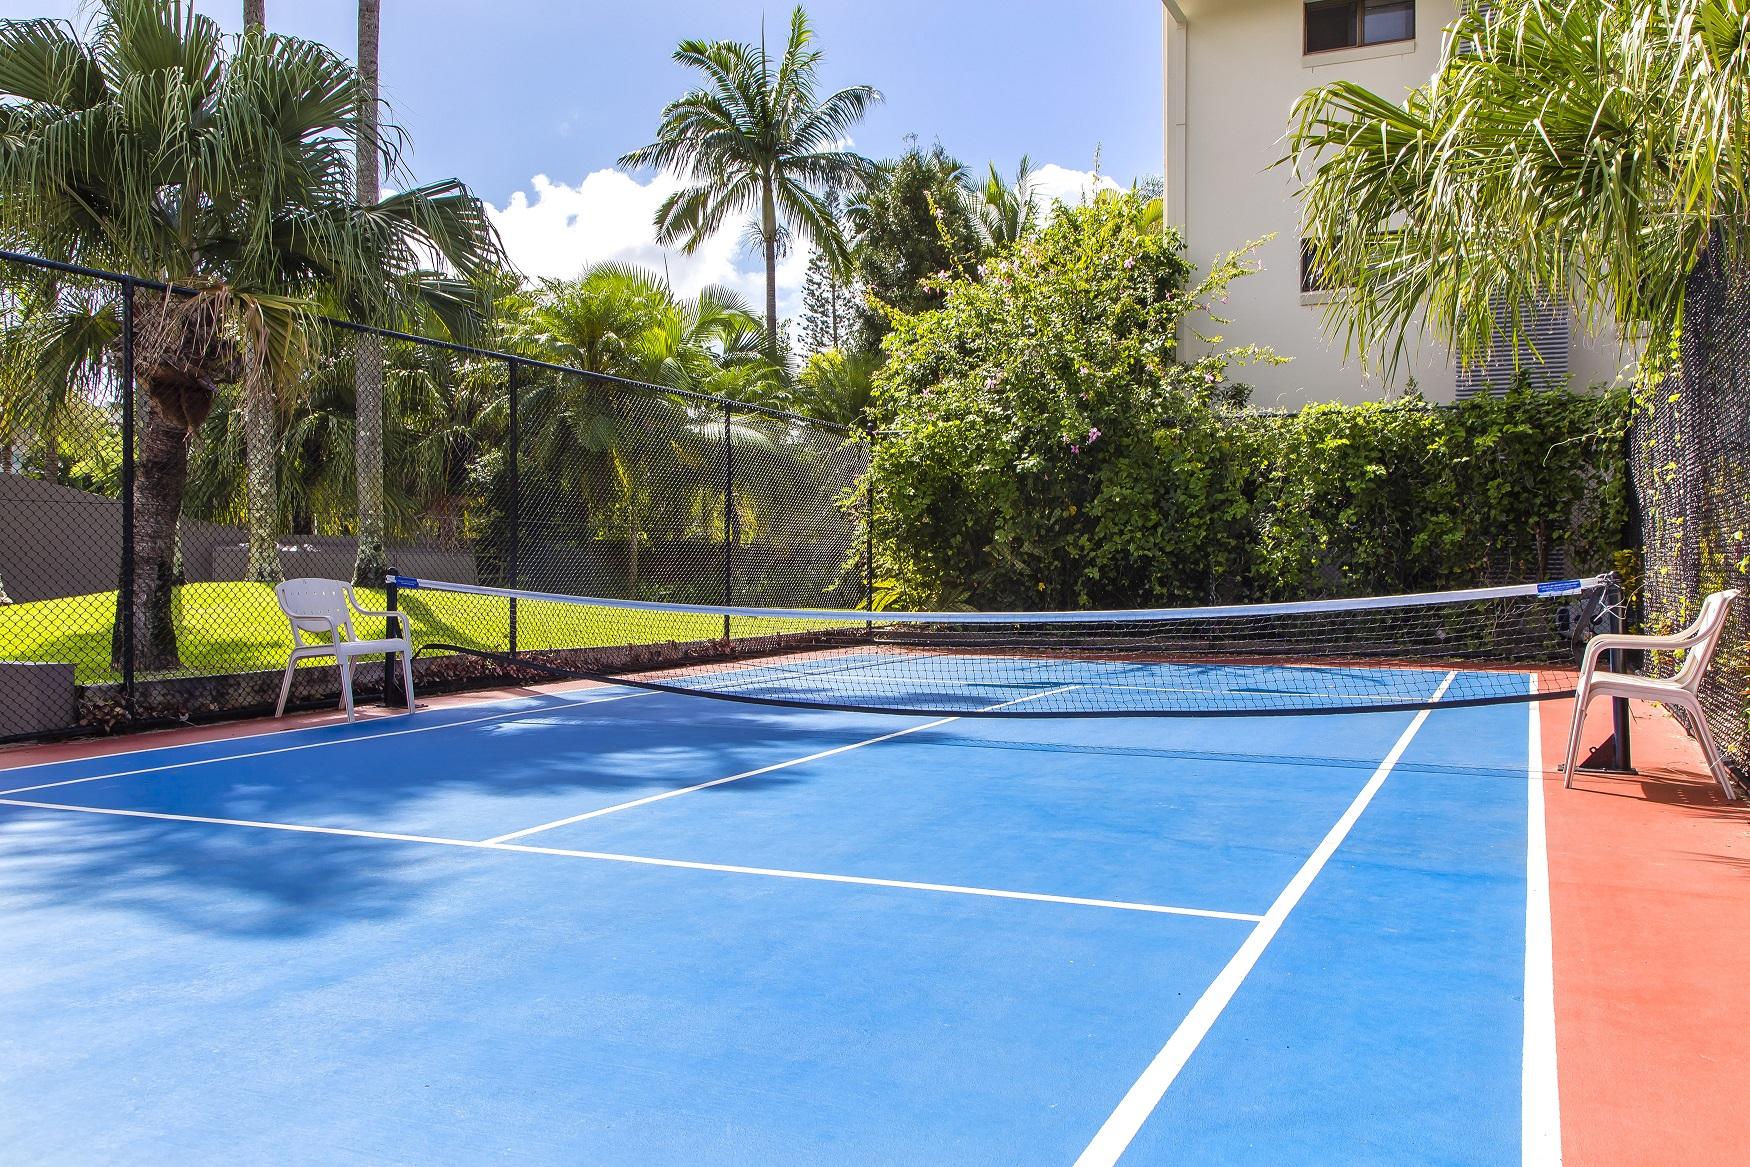 Half-size tennis court